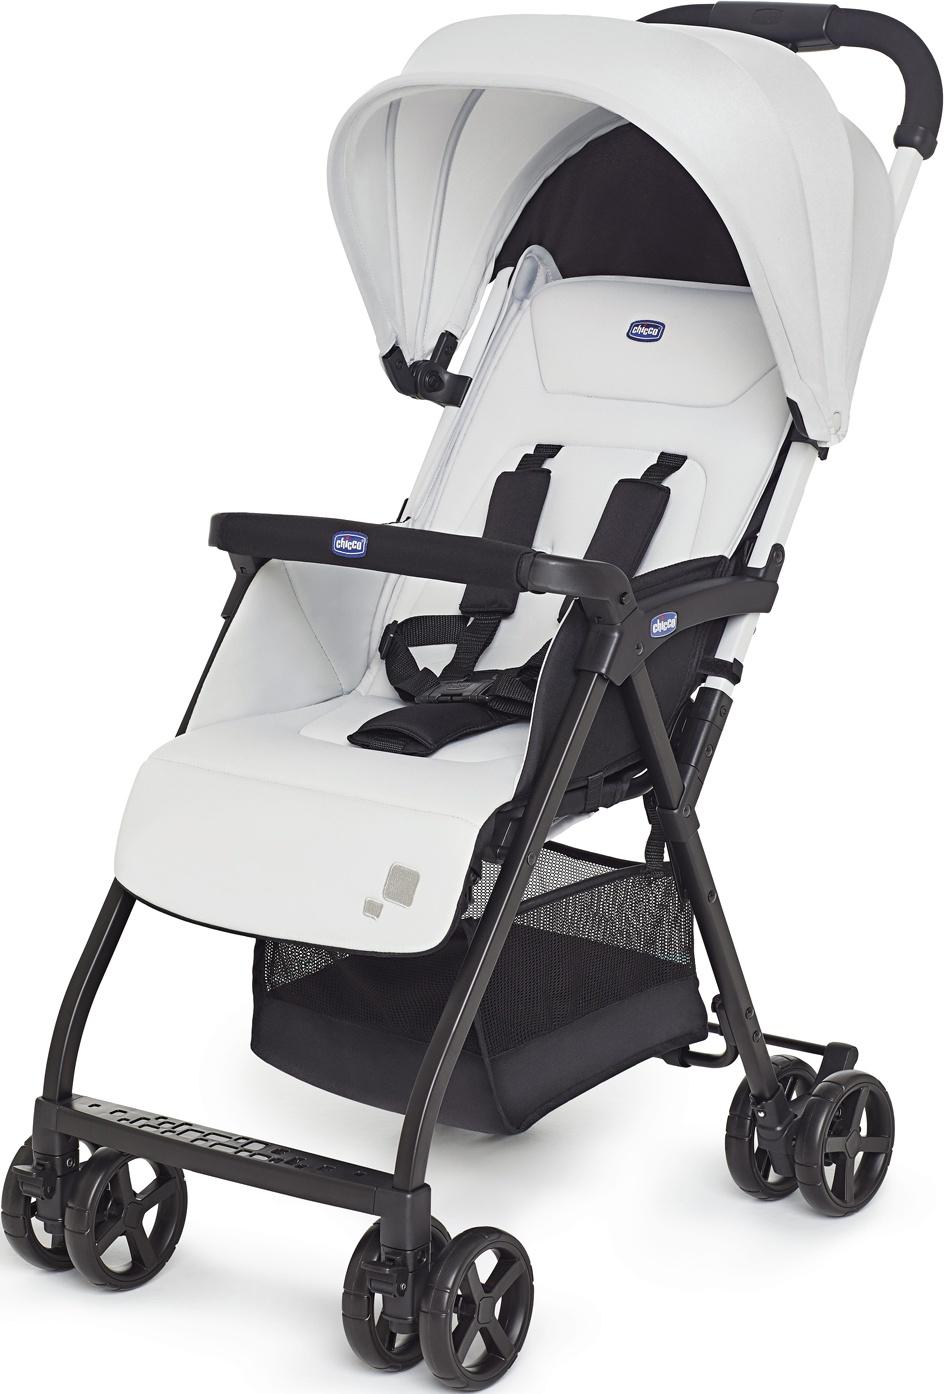 Коляска прогулочная Chicco Ohlala белый84366Прогулочная коляска Ohlala – надёжная, комфортная, удобная и очень лёгкая коляска для прогулок от компании Chicco.Особенности:Регулируемая спинка.Регулируемая подножка: 2 положения.Большое сиденье, которое выполнено из специальной гипоаллергенной ткани.Мягкие чехлы на бортике и ремнях безопасности.Объёмный складной капюшон.Вместительная корзина для покупок.Тип складывания: книжка.Передние колеса поворотные с фиксацией: пластиковые.Ножной тормоз задних колес.Противоскользящая накладка на ручке.Обивка съёмная.Максимальная нагрузка: 15 кг.Размер в разложенном виде: 46x81x101 см.Размер в сложенном виде: 30x50x90 см.Вес: 4 кг.Размер упаковки: 41,5х24х91 см.Вес упаковки: 6,32 кг.Возраст: с рождения до 3 лет.Комплектация: дождевик.